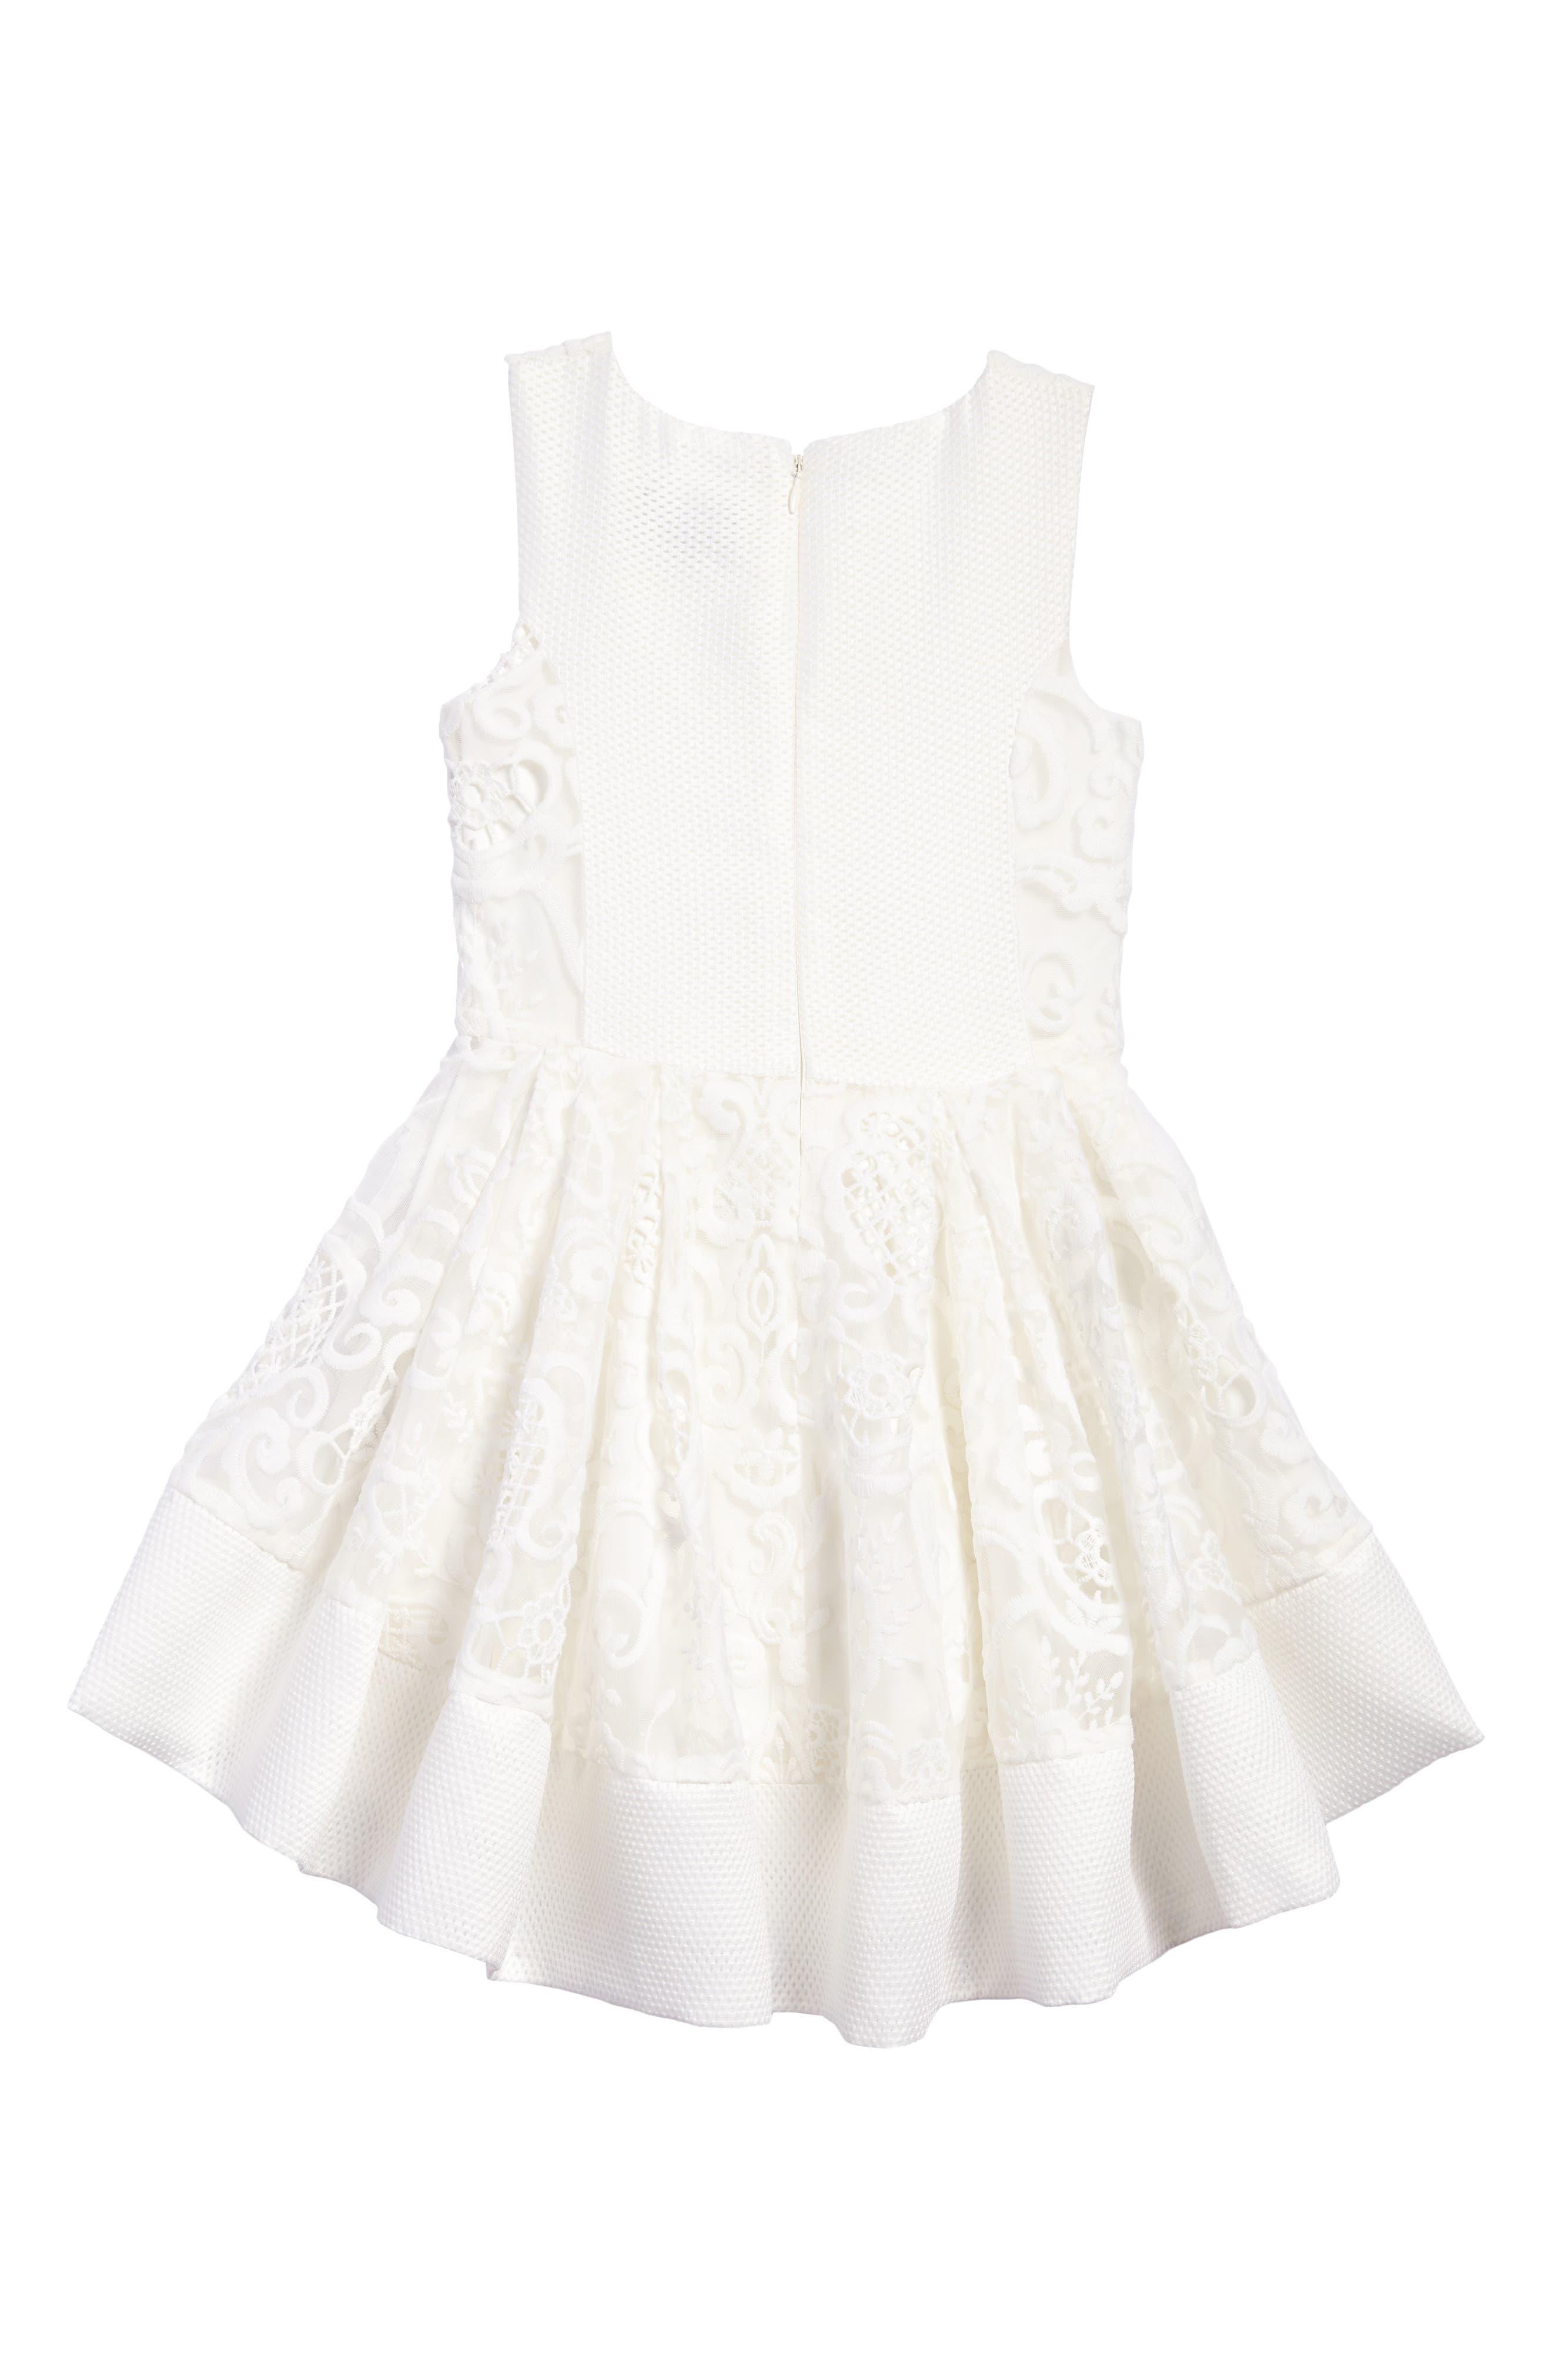 Ava Starlet Dress,                             Alternate thumbnail 2, color,                             Ivory